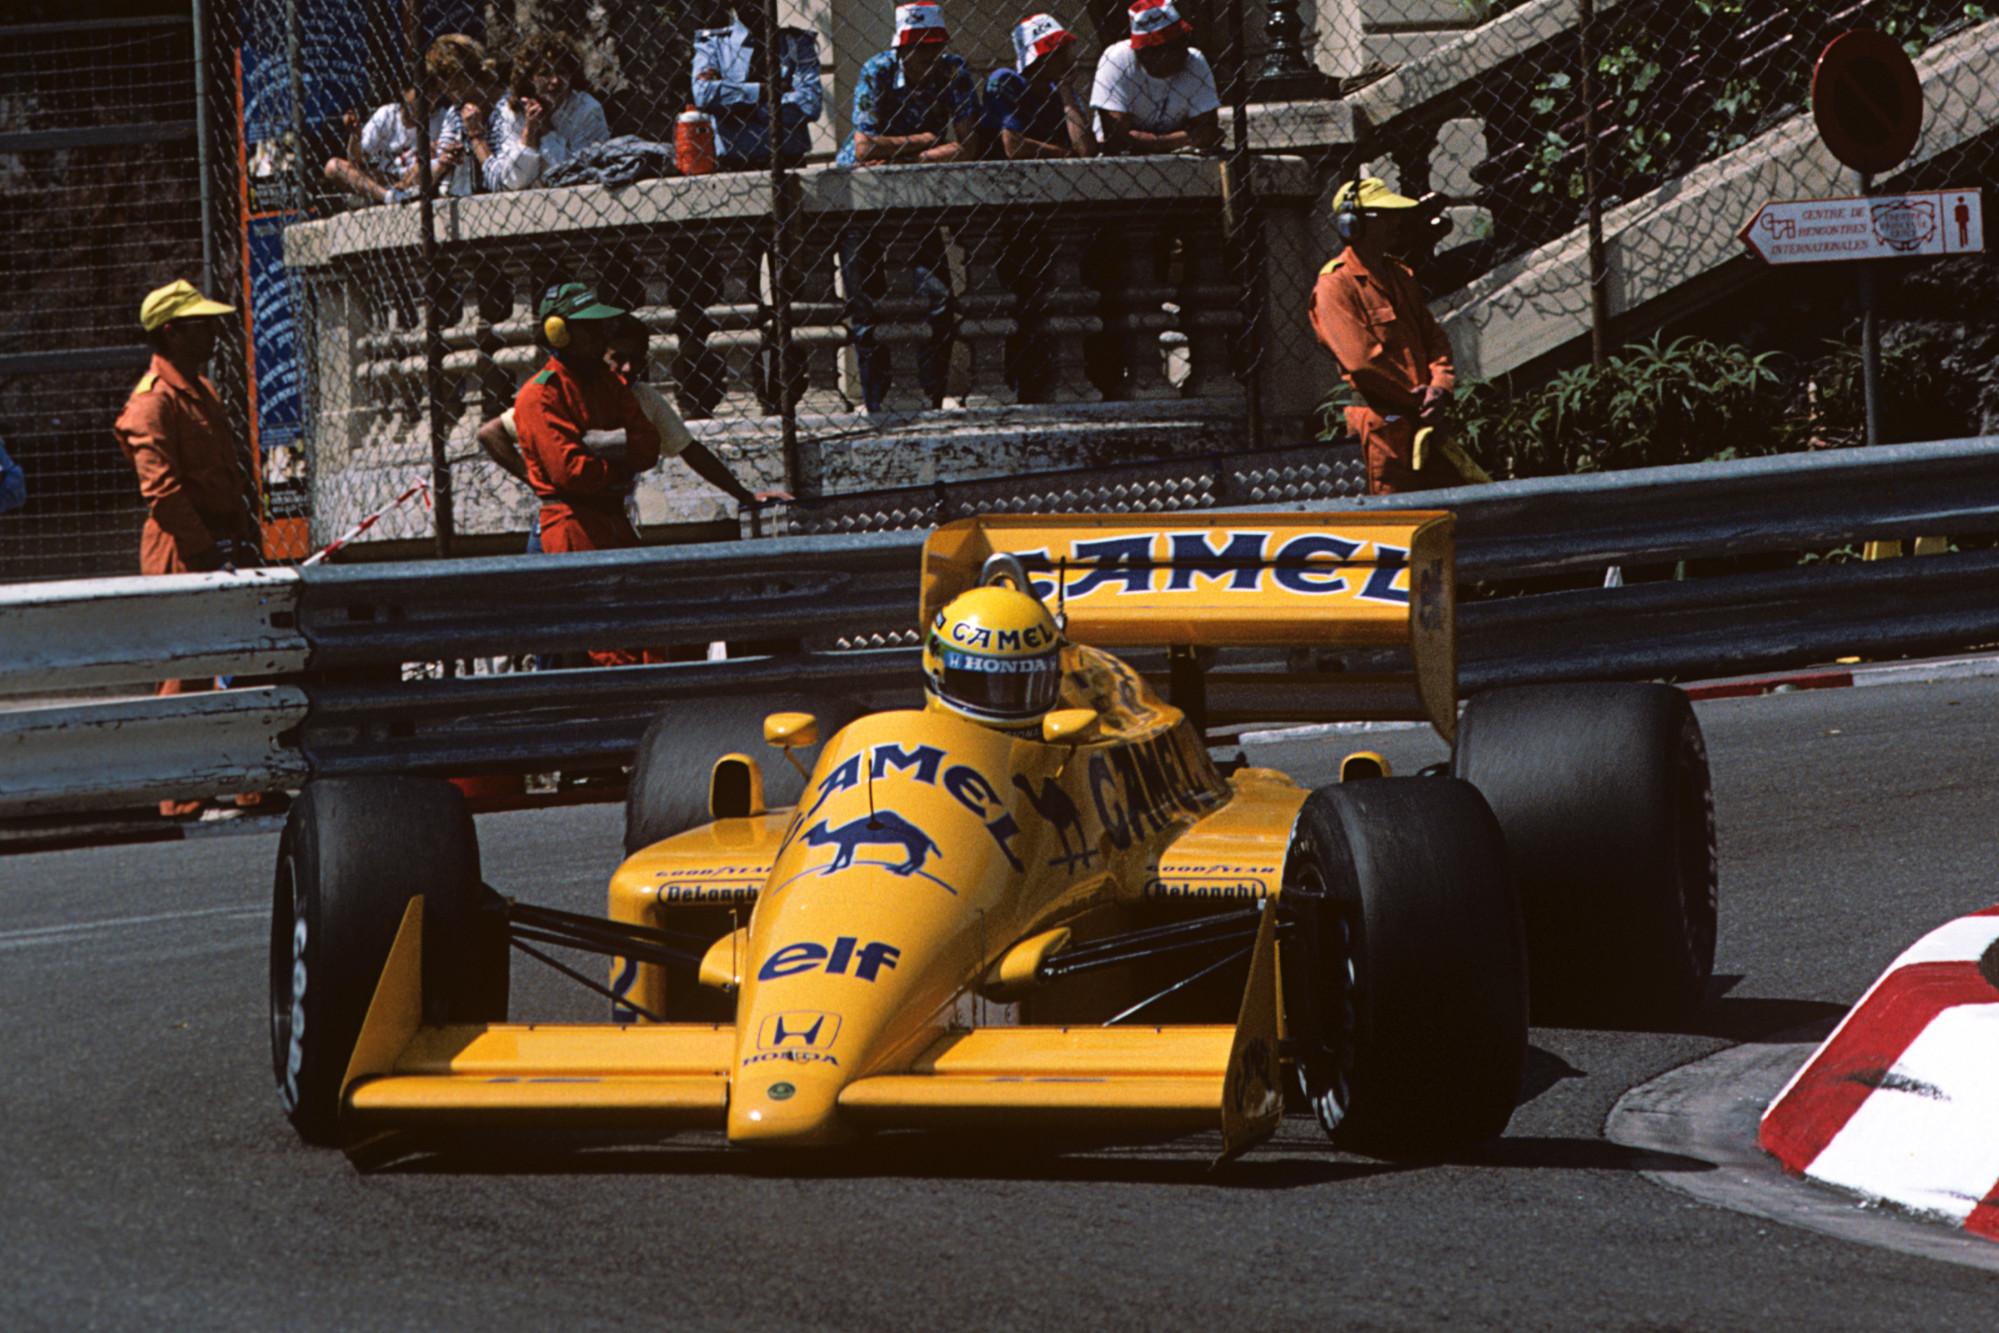 Ayrton Senna, Monaco GP 1987